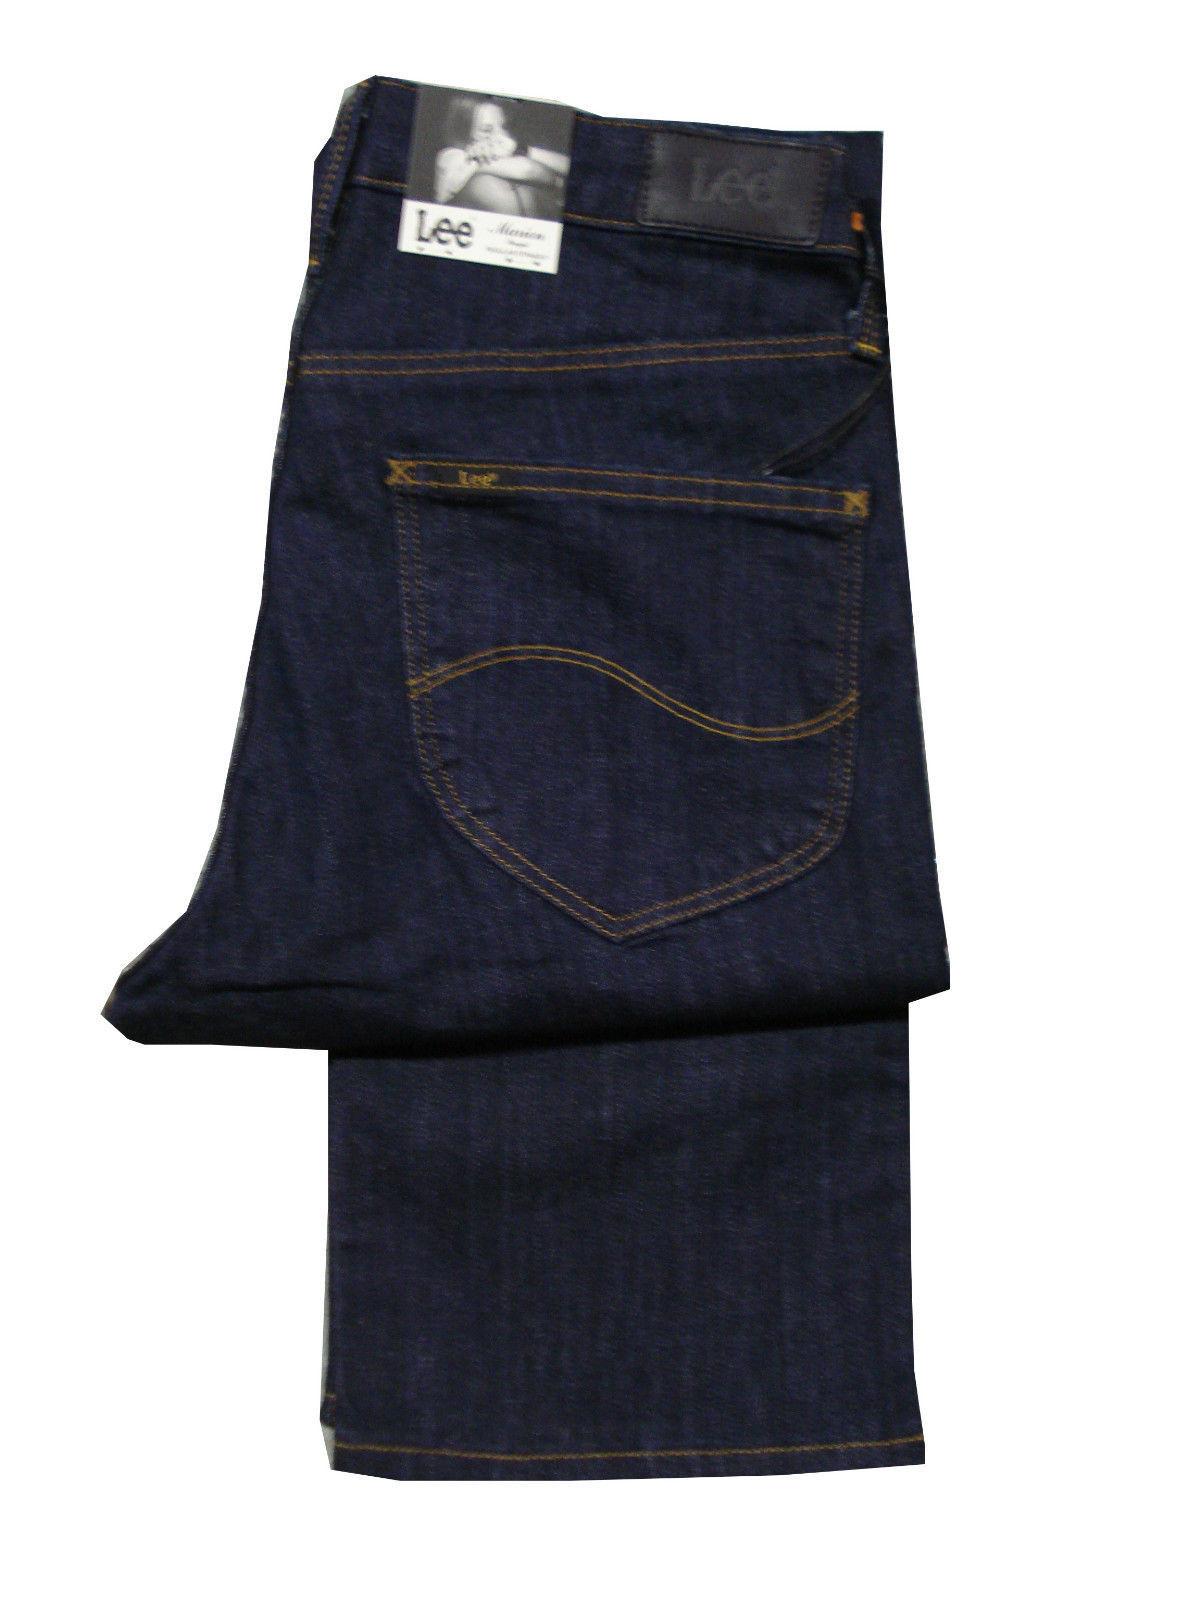 Damen hoch extra langes Lee Marion halbhoher Bund gerades Bein Jeans Stretch -